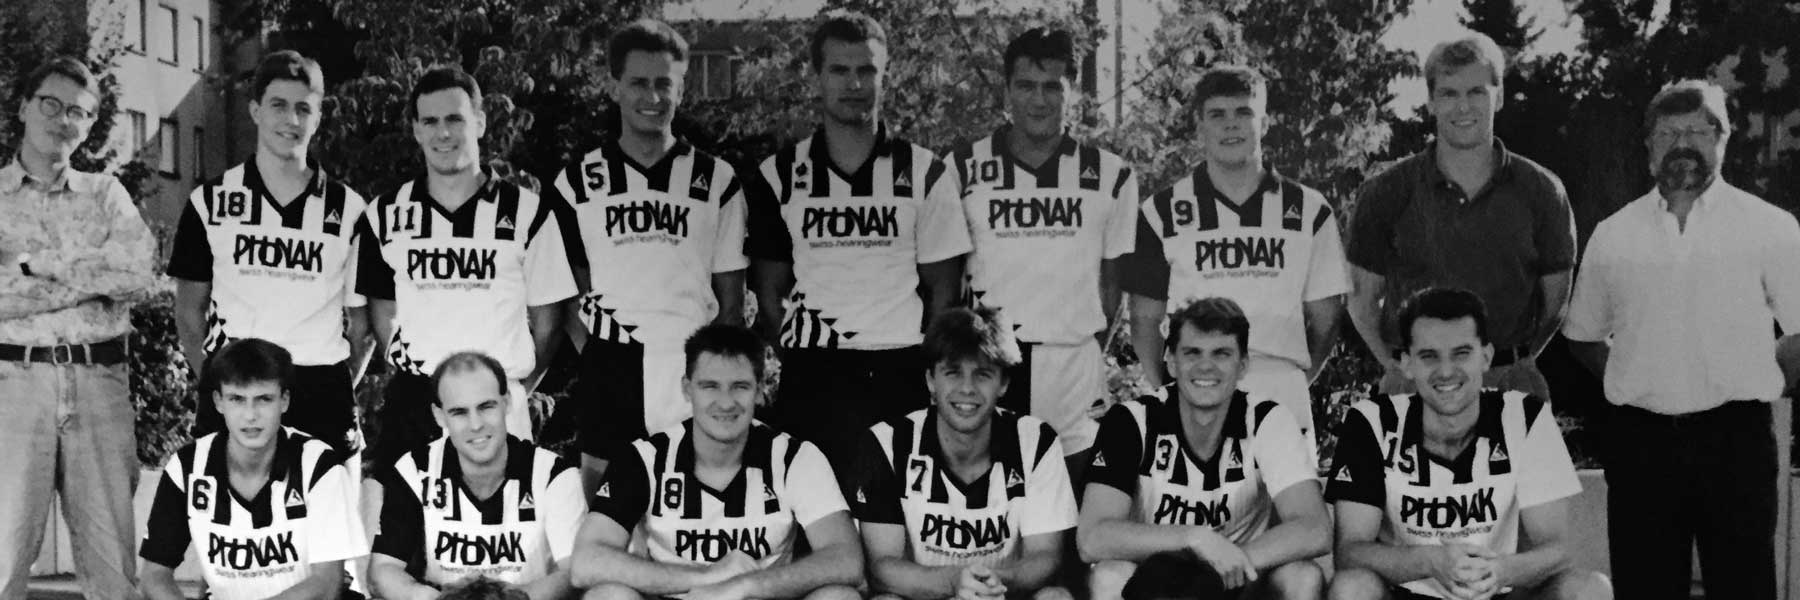 handball_staefe_geschichte_5